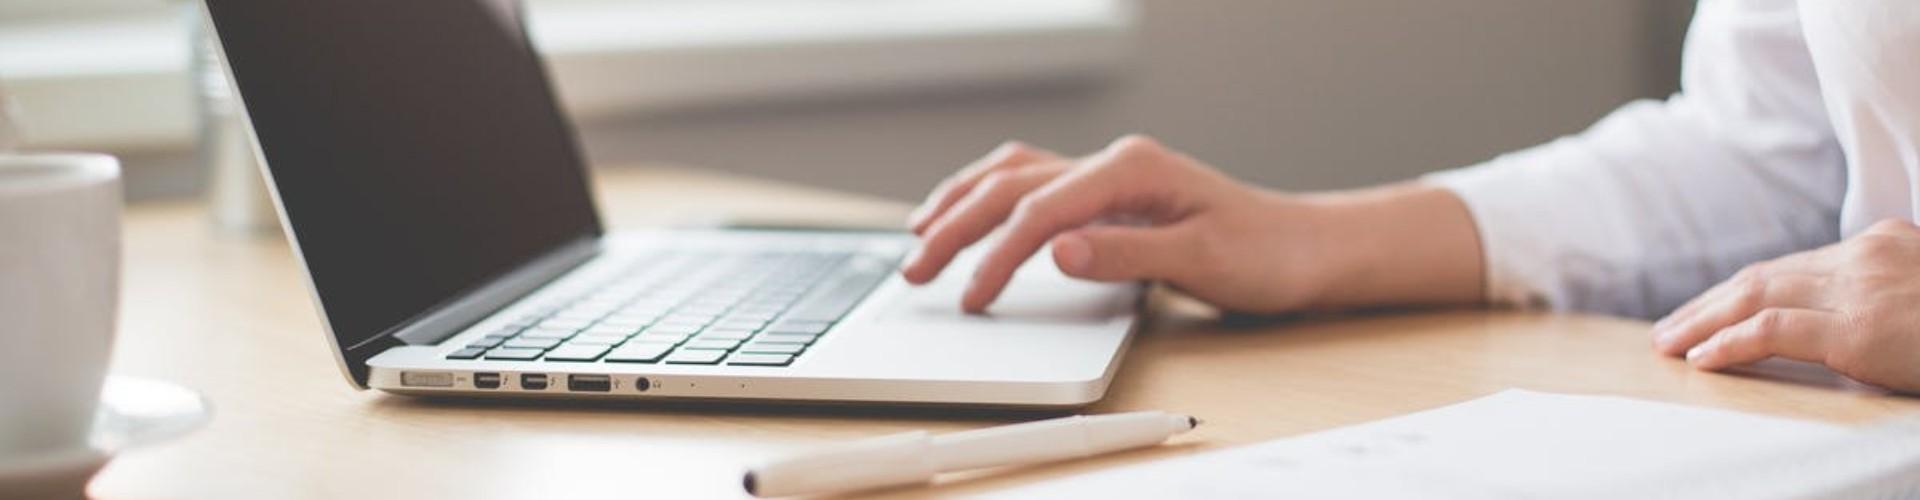 99 exemples de compétences pour CV professionnel en 2021